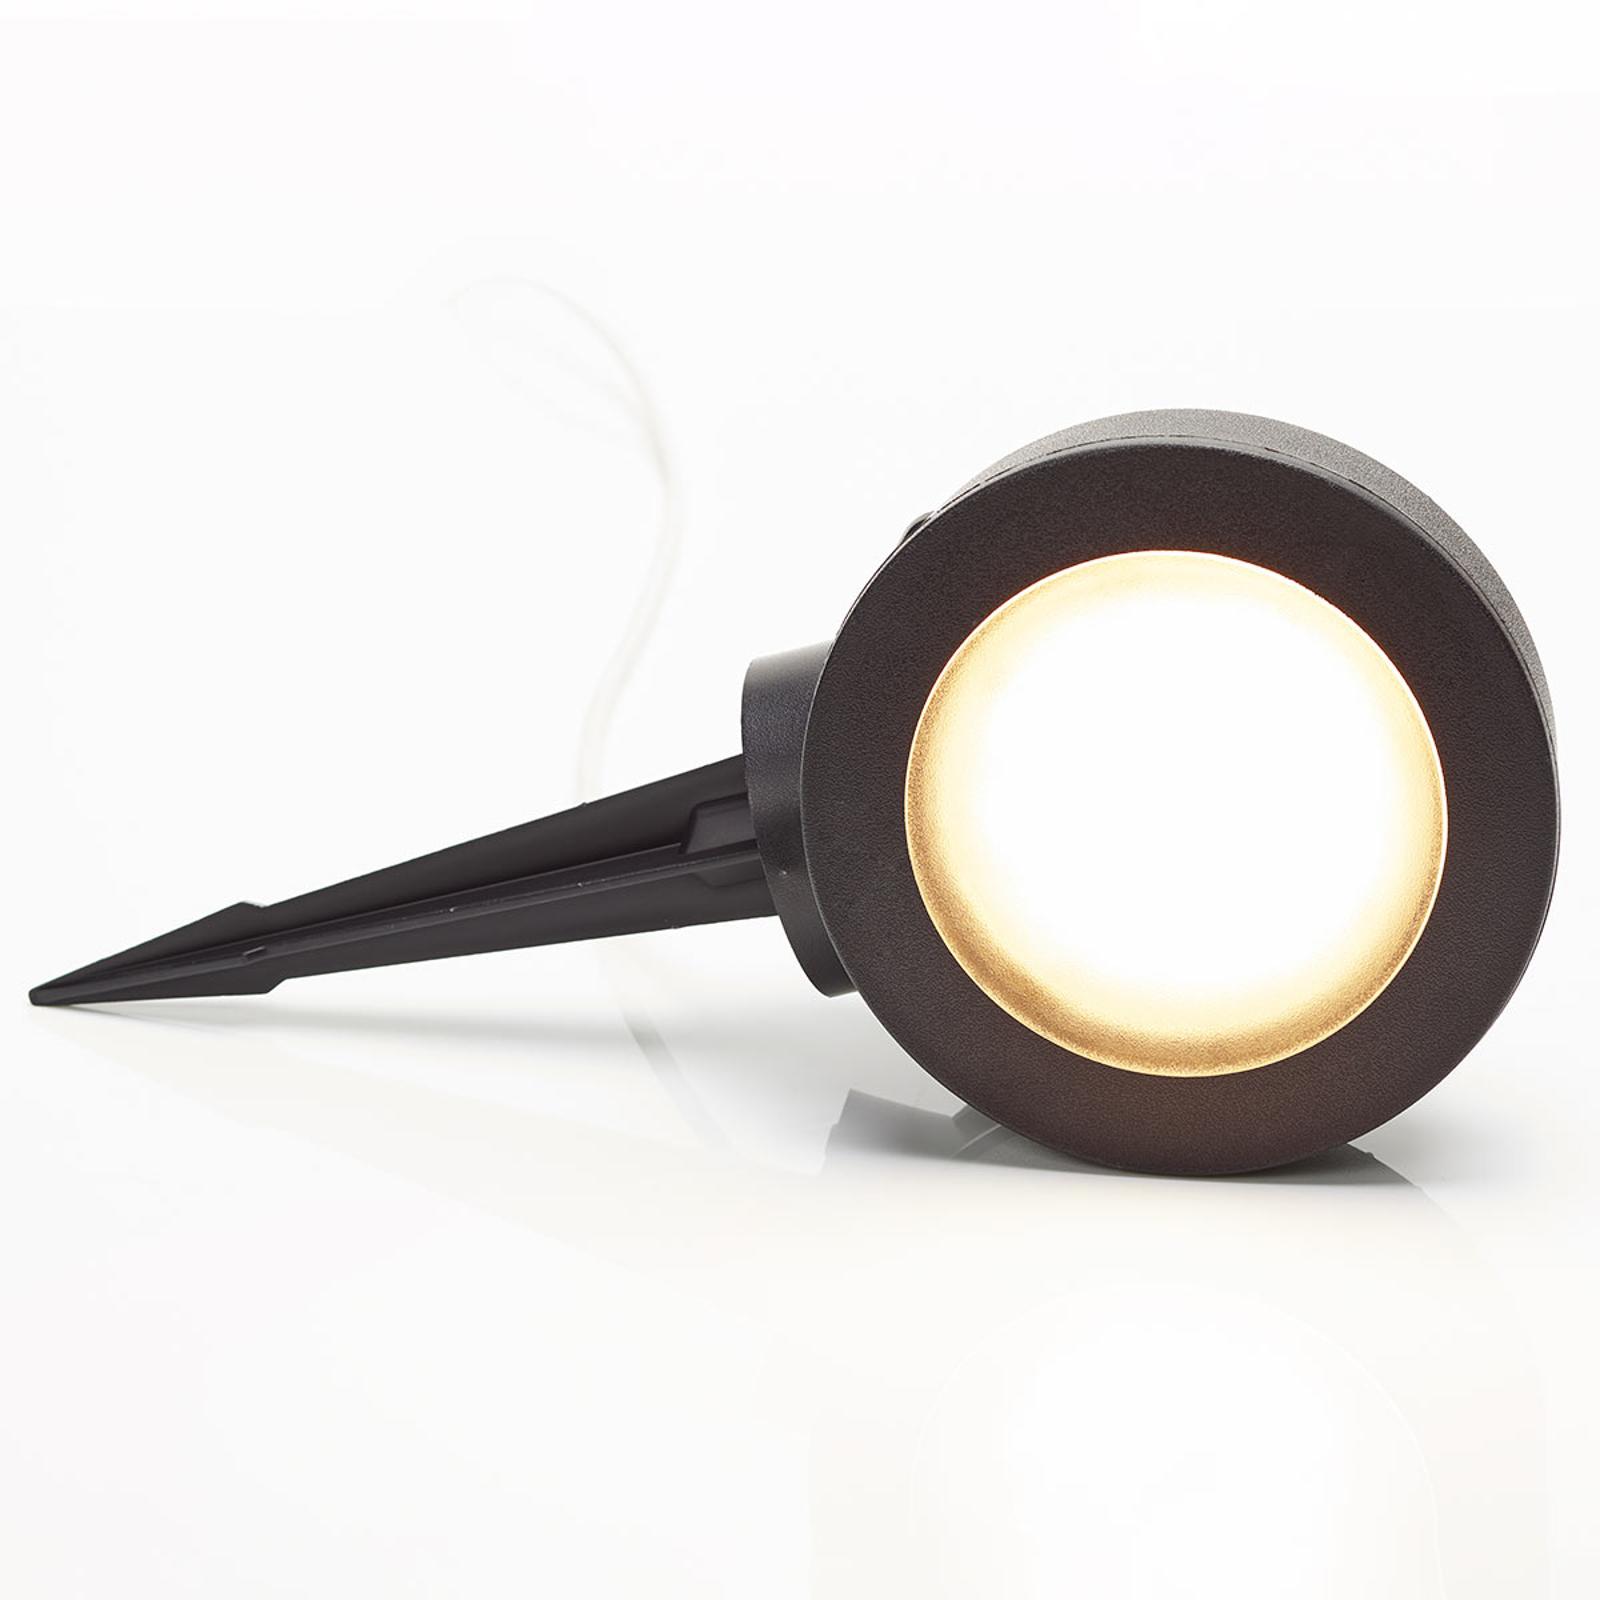 Spot picchetto Tommy rotondo nero 1 luce 10W CCT